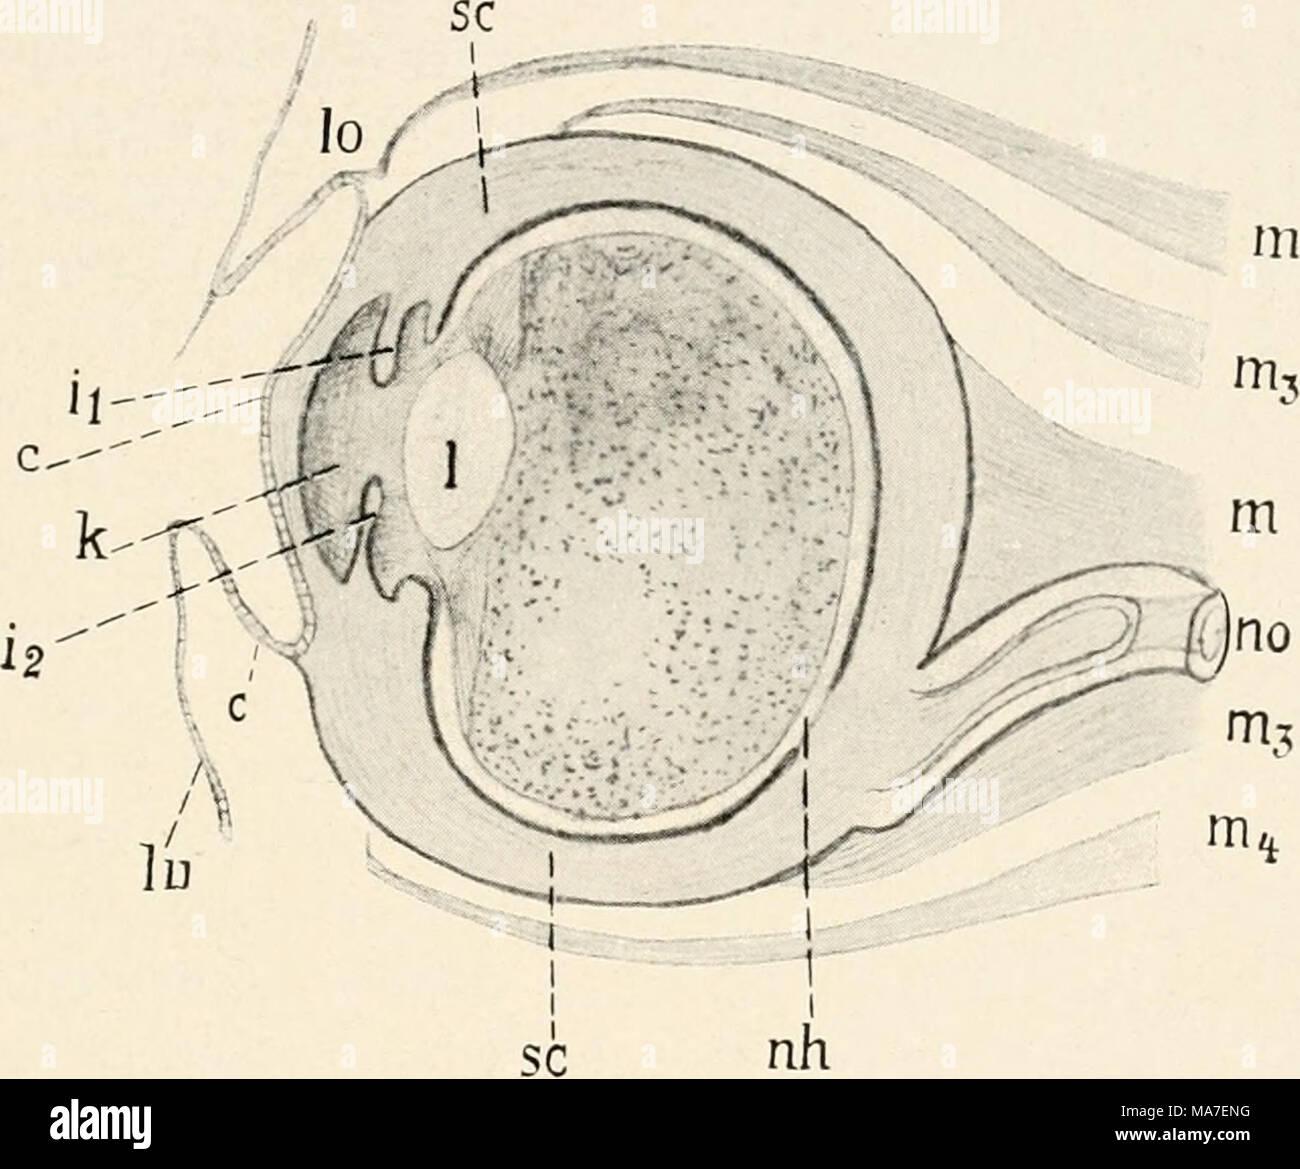 Ungewöhnlich Augenlid Anatomie Zeitgenössisch - Menschliche Anatomie ...